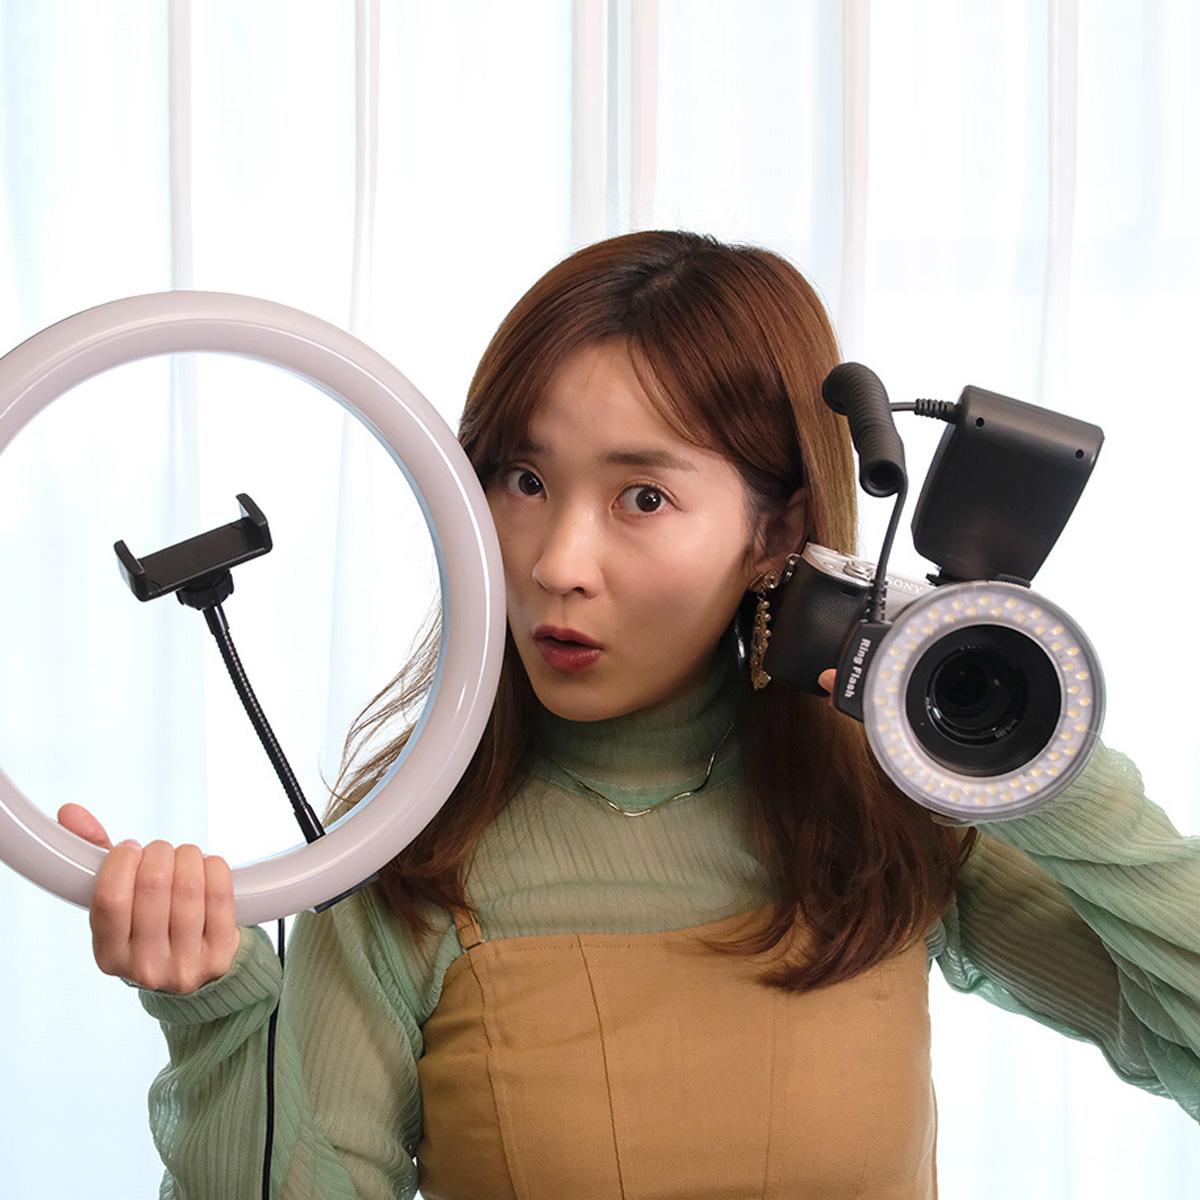 自宅撮影で盛れる技術! キャッチライトを加えるだけで仕上がり歴然【後編】